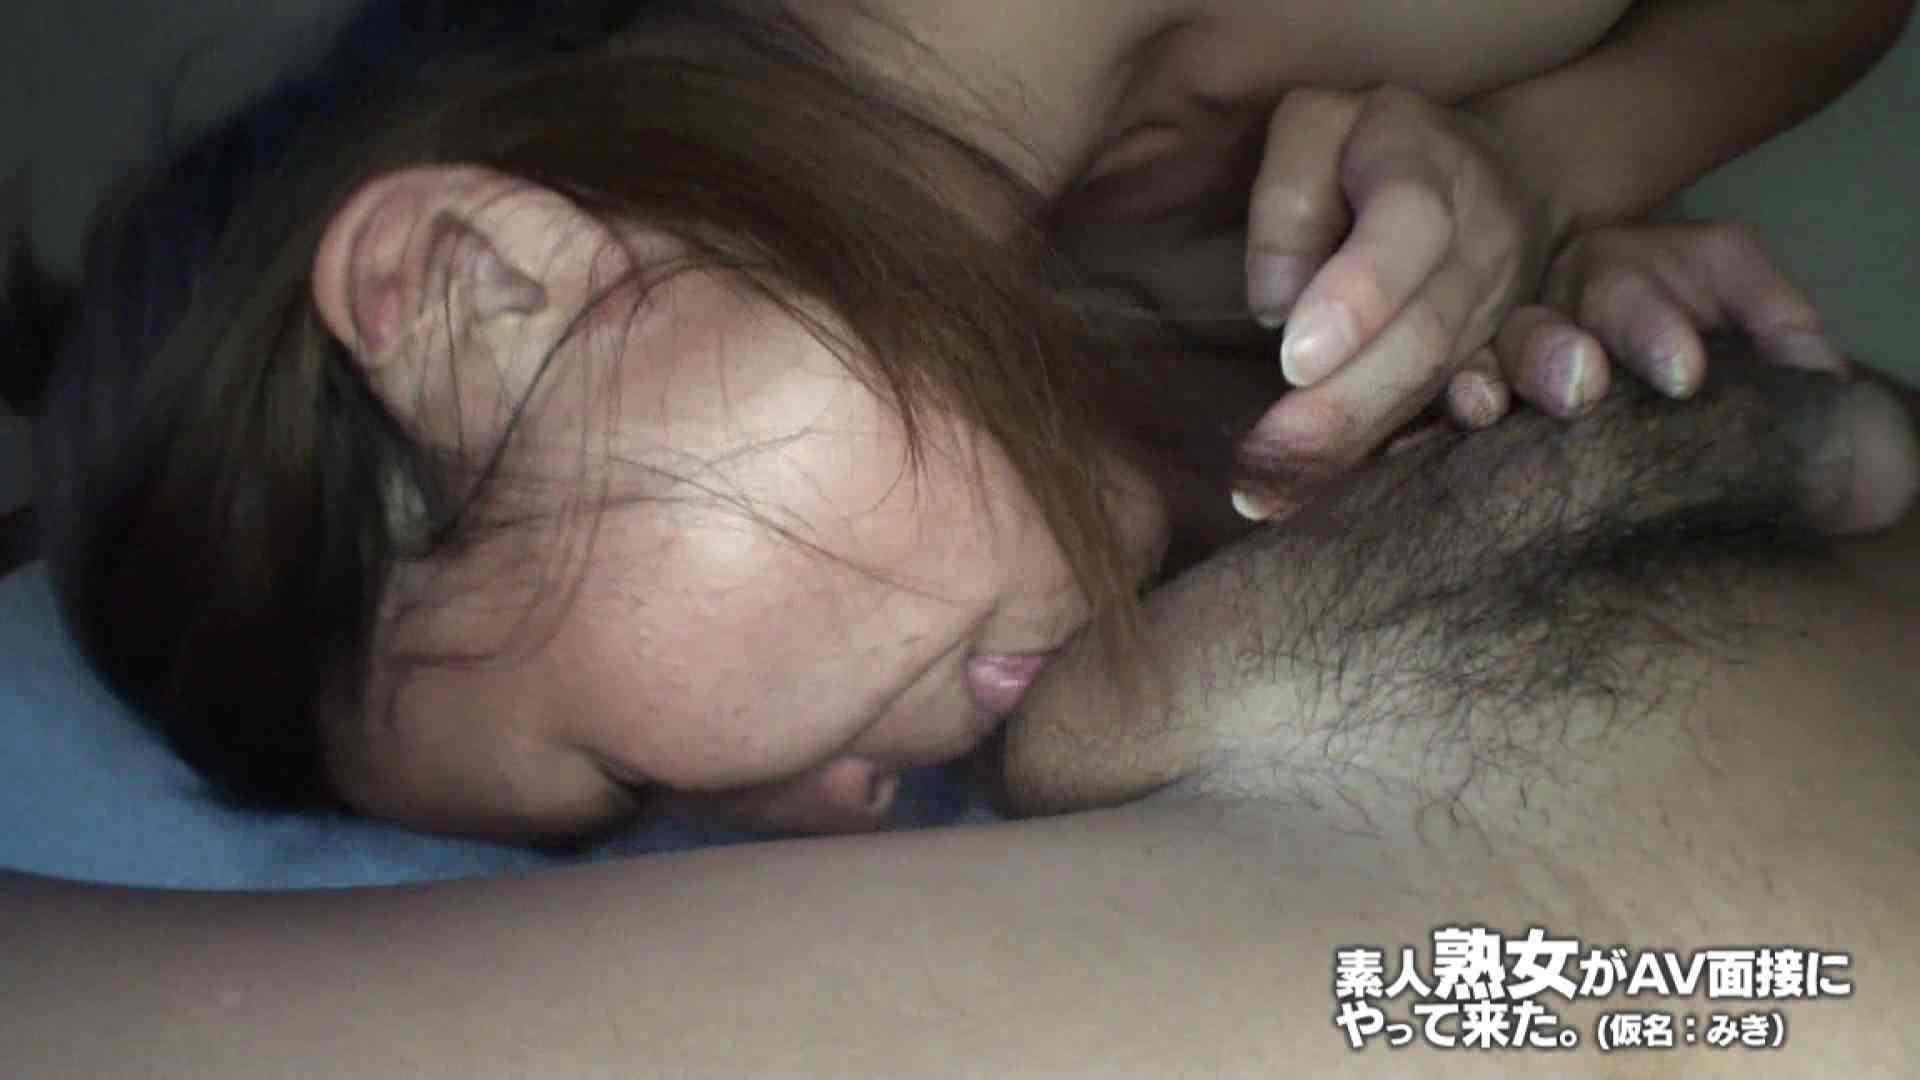 素人熟女がAV面接にやってきた (熟女)みきさんVOL.04(前編) ギャル達のセックス | 素人  102画像 84